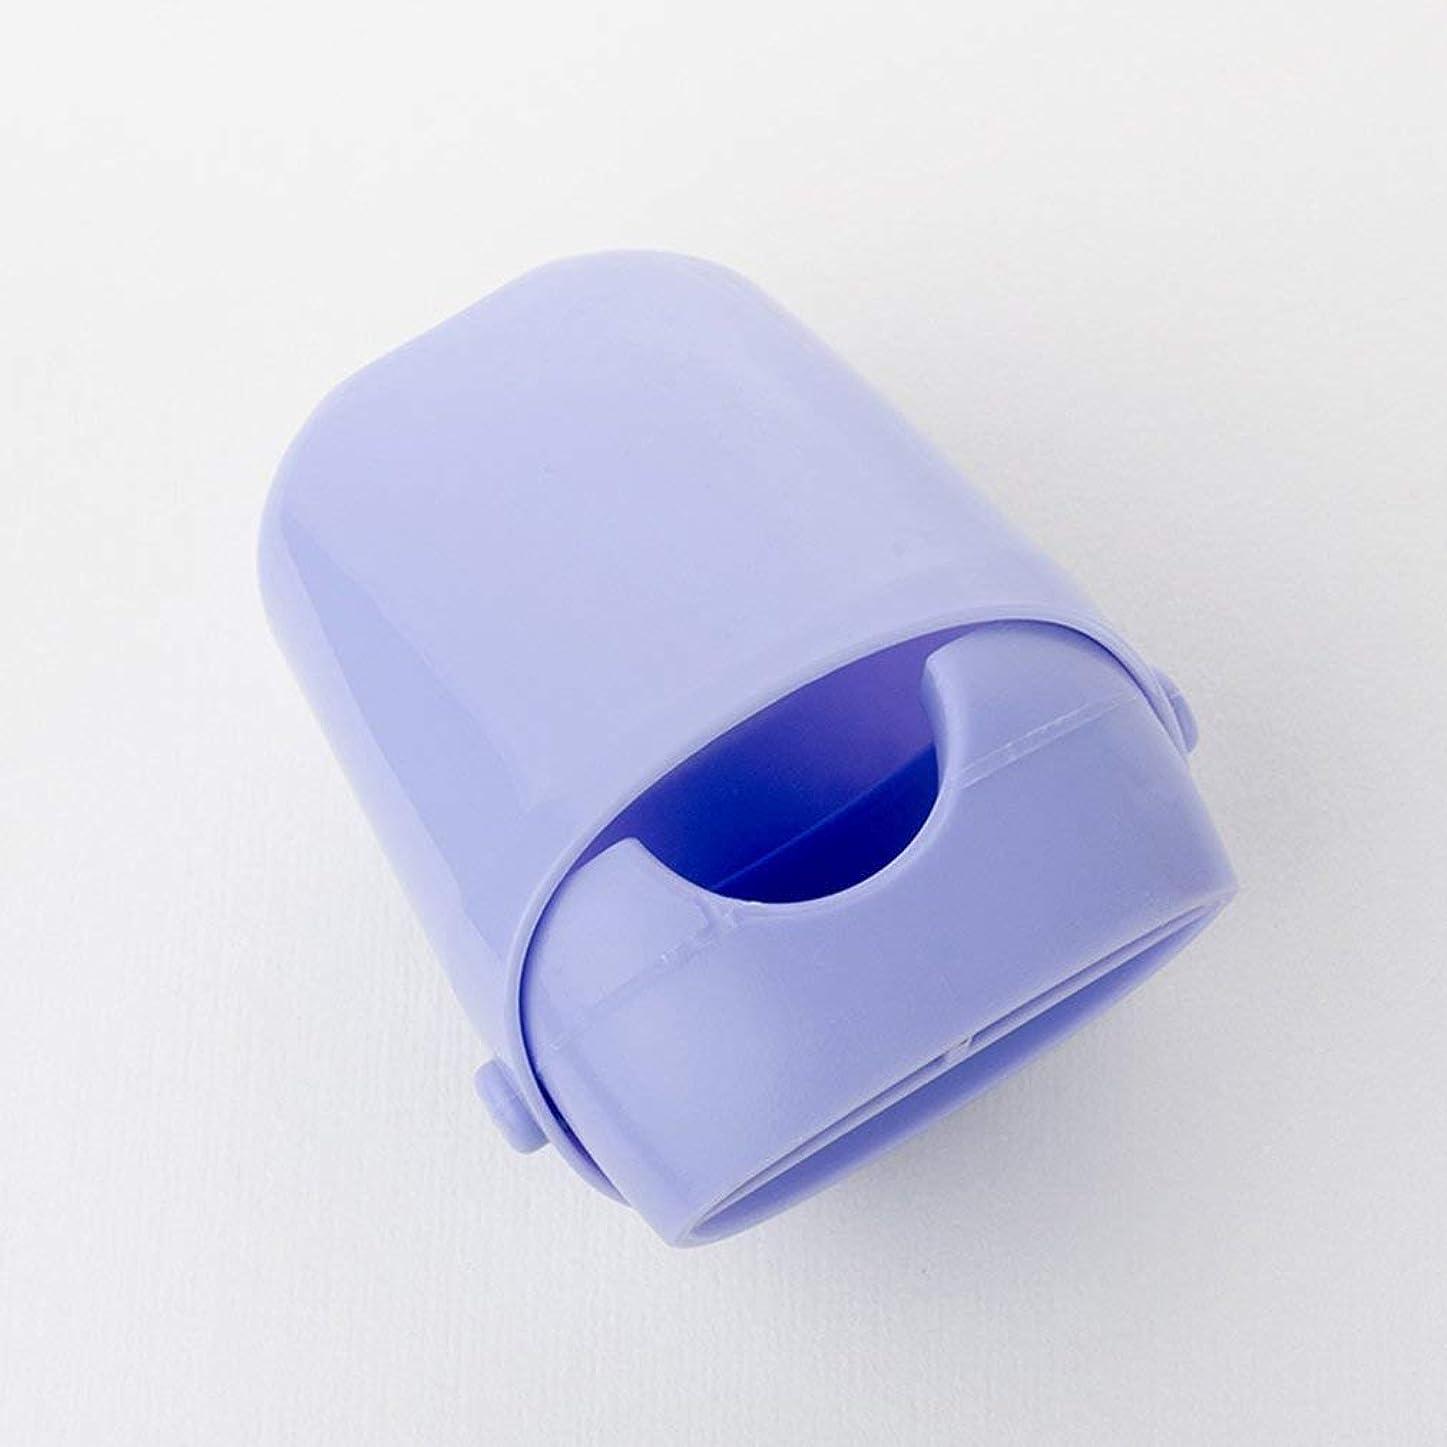 メンダシティスズメバチ不規則なカバモデル子供の手洗いの利便補助蛇口の拡張 - パープル